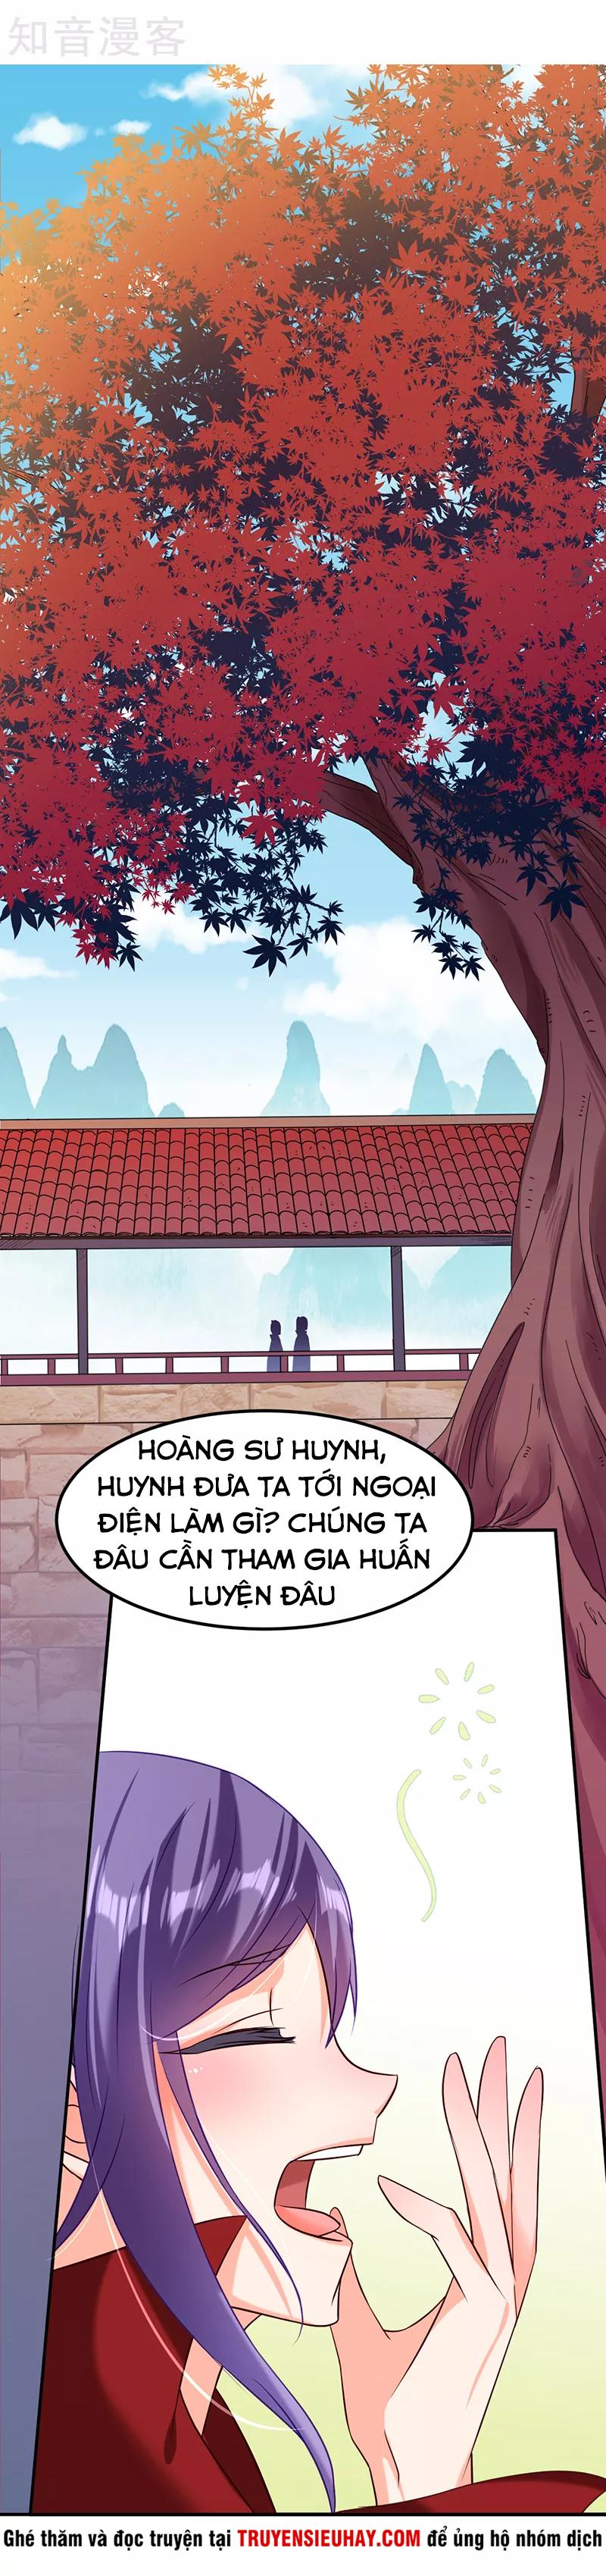 Võ Đạo Độc Tôn: Chapter 41